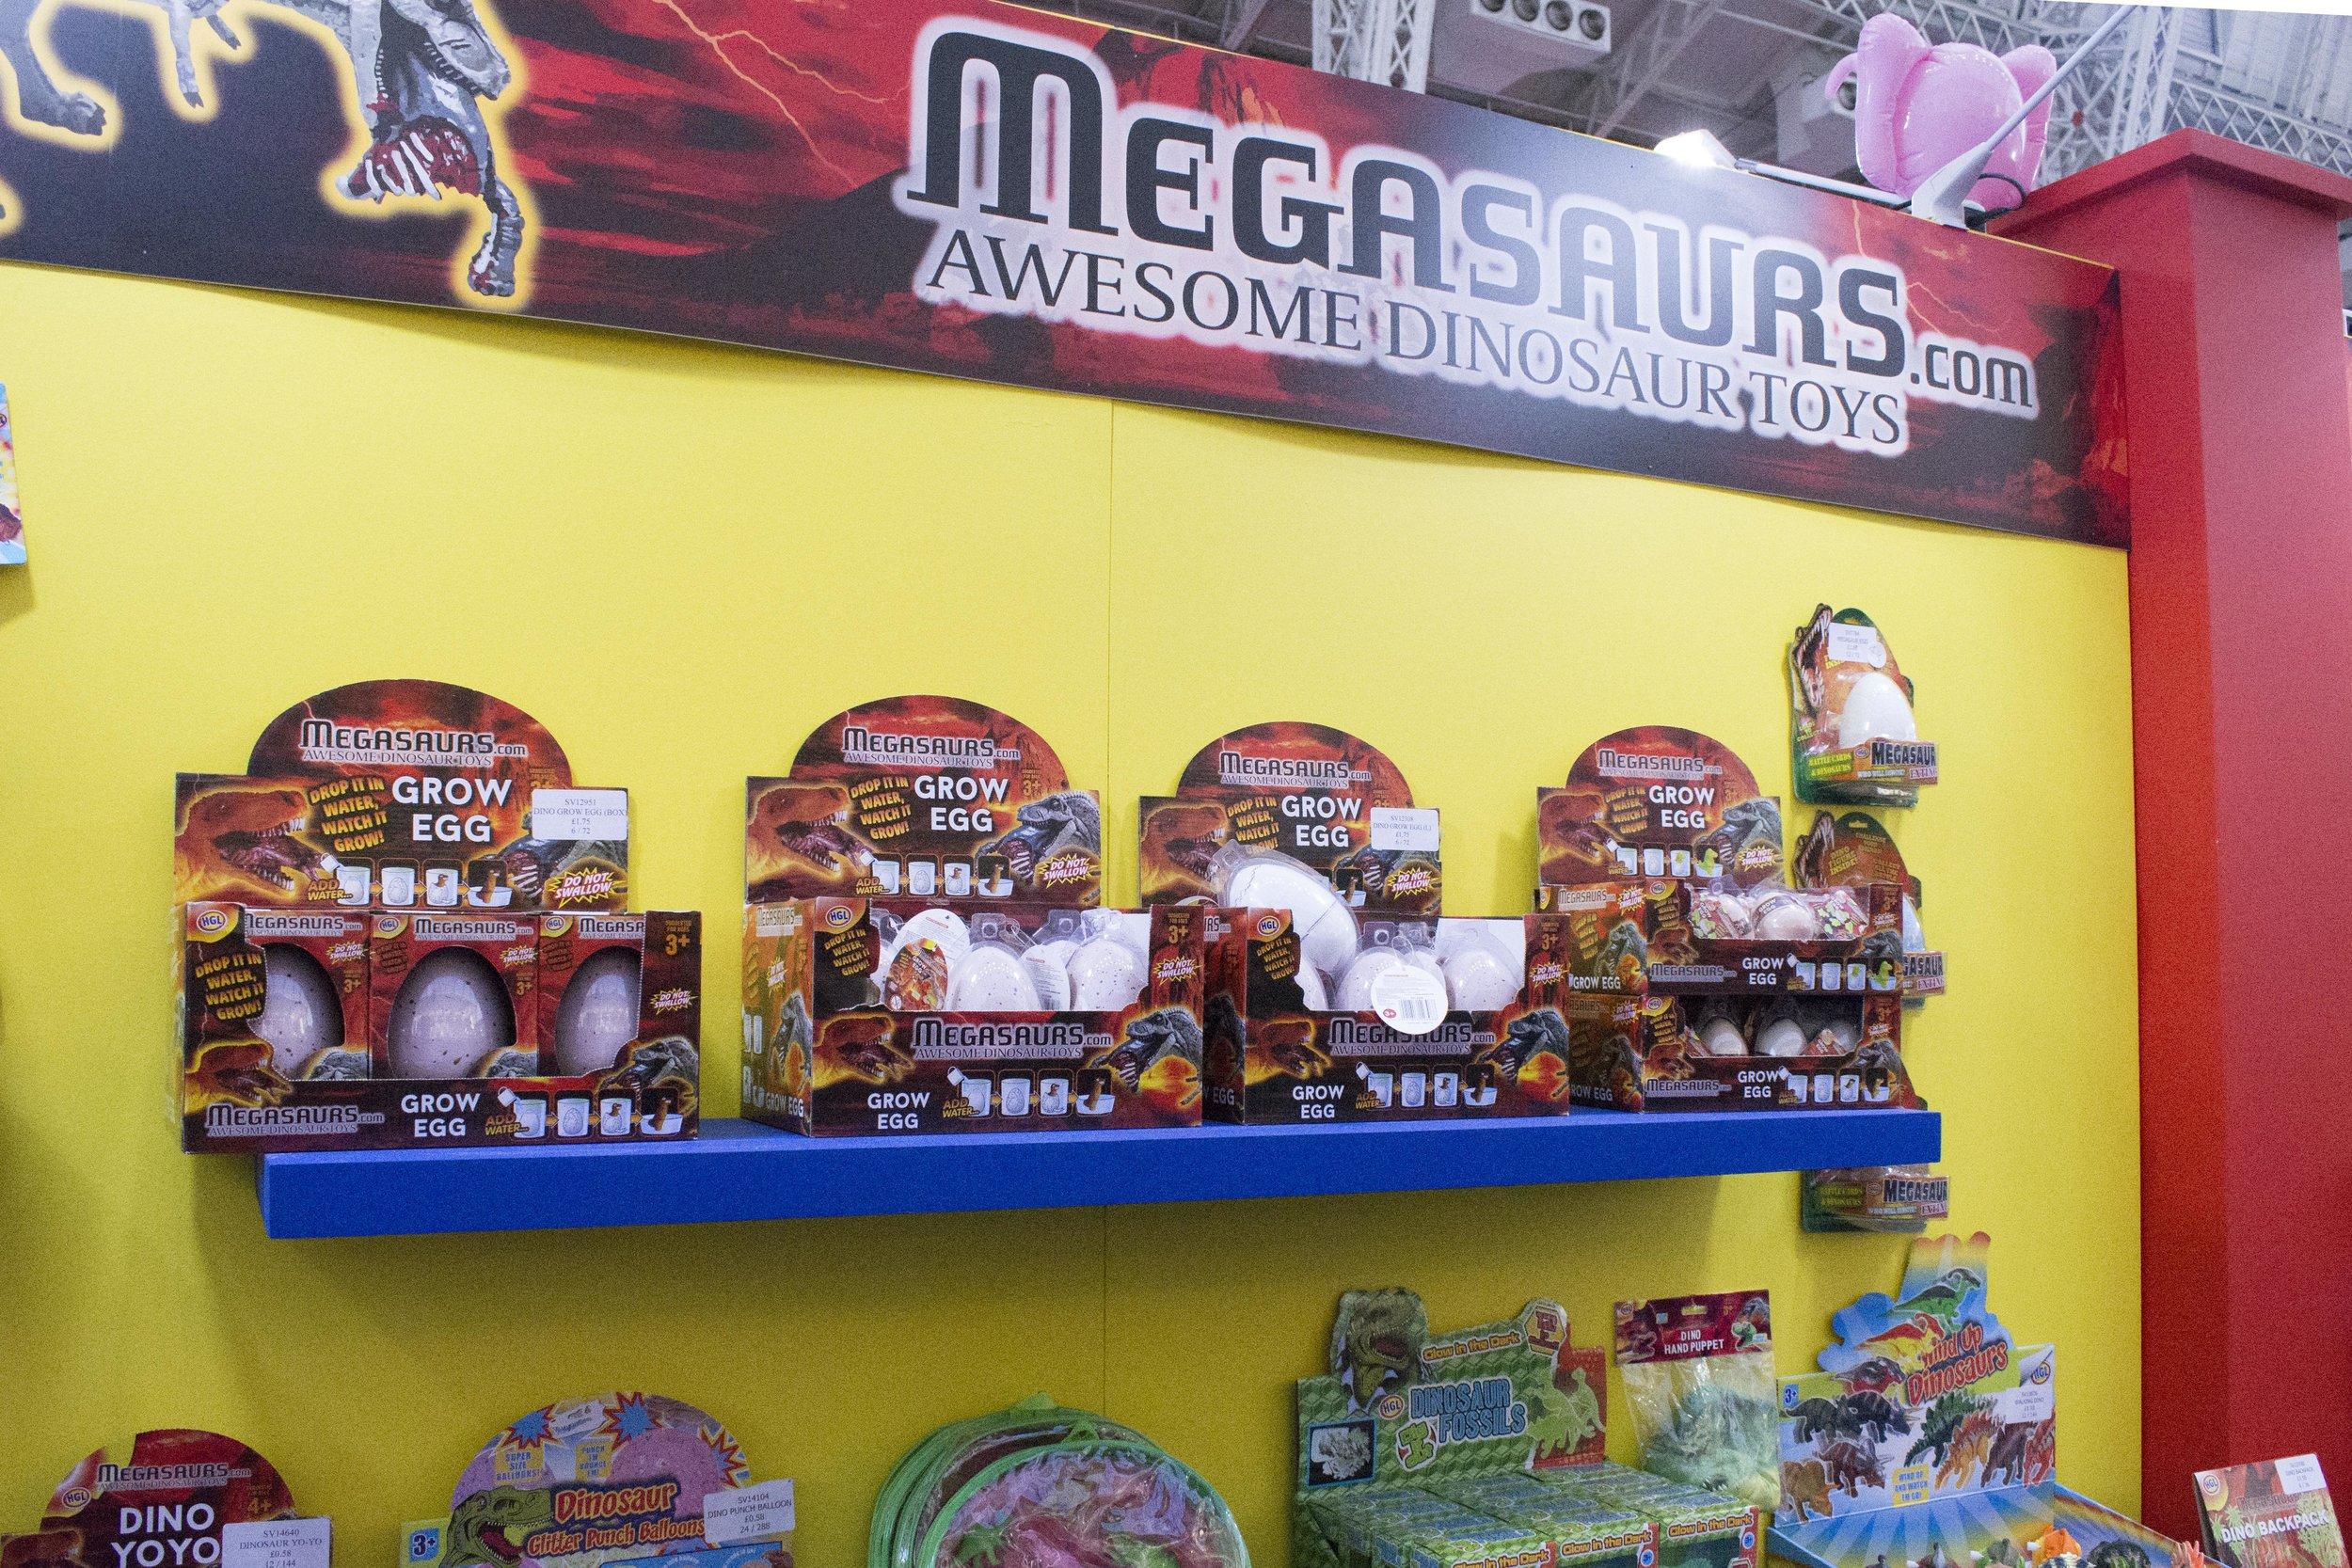 Megasaurus.com.jpg